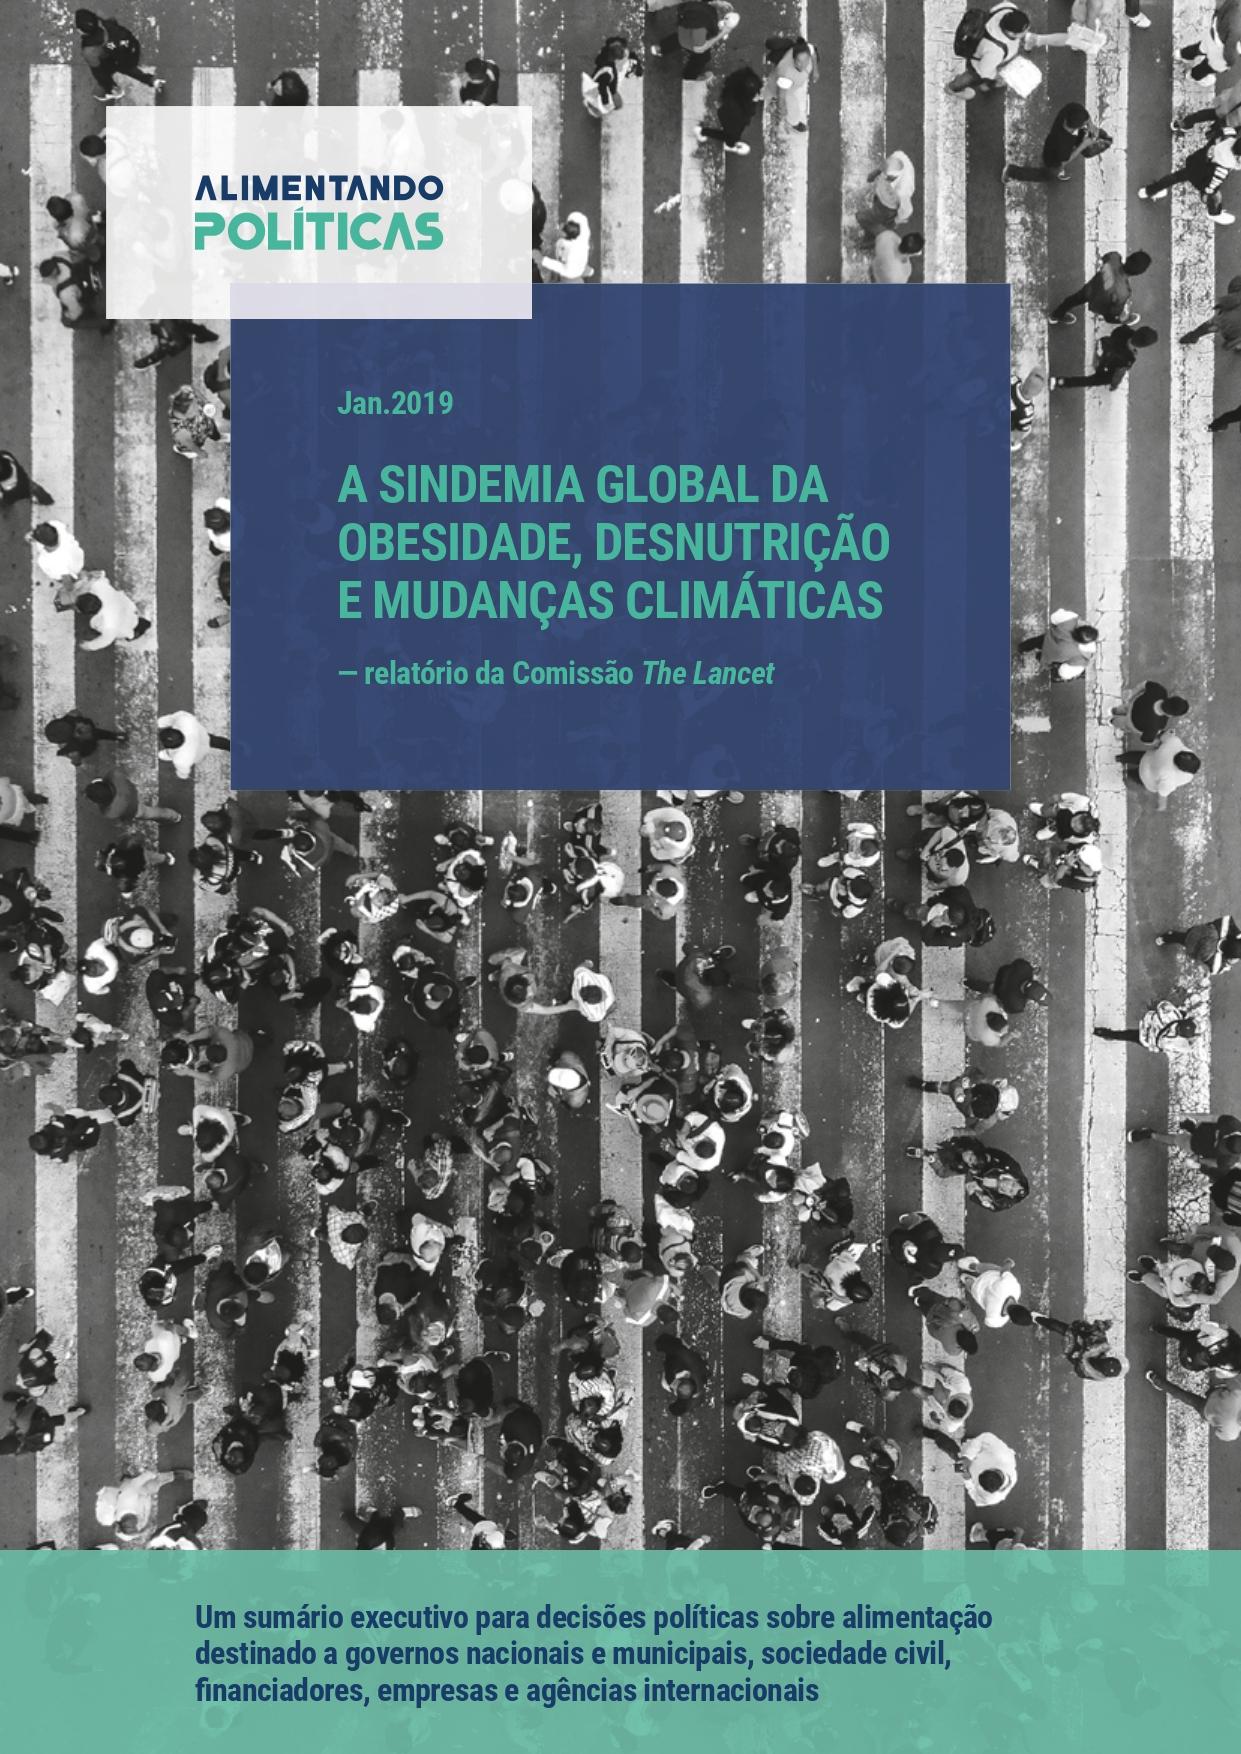 Versão português LANCET 2019 Sindemia compressed 1d page 0001 A Sindemia Global da Obesidade, Desnutrição e Mudanças Climáticas